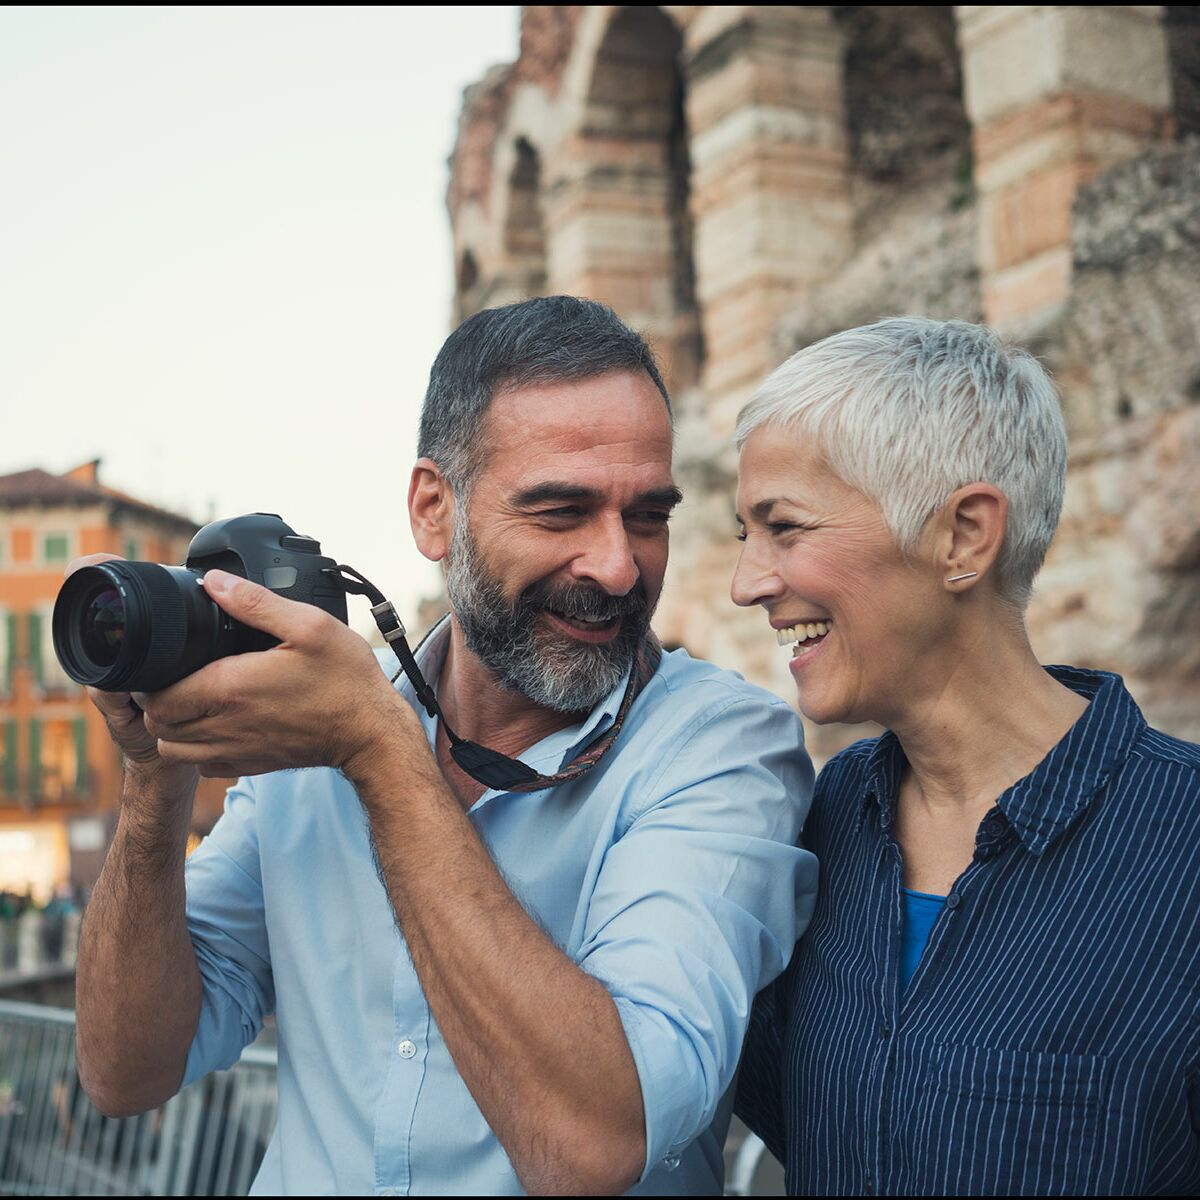 célibataire 50 ans plus